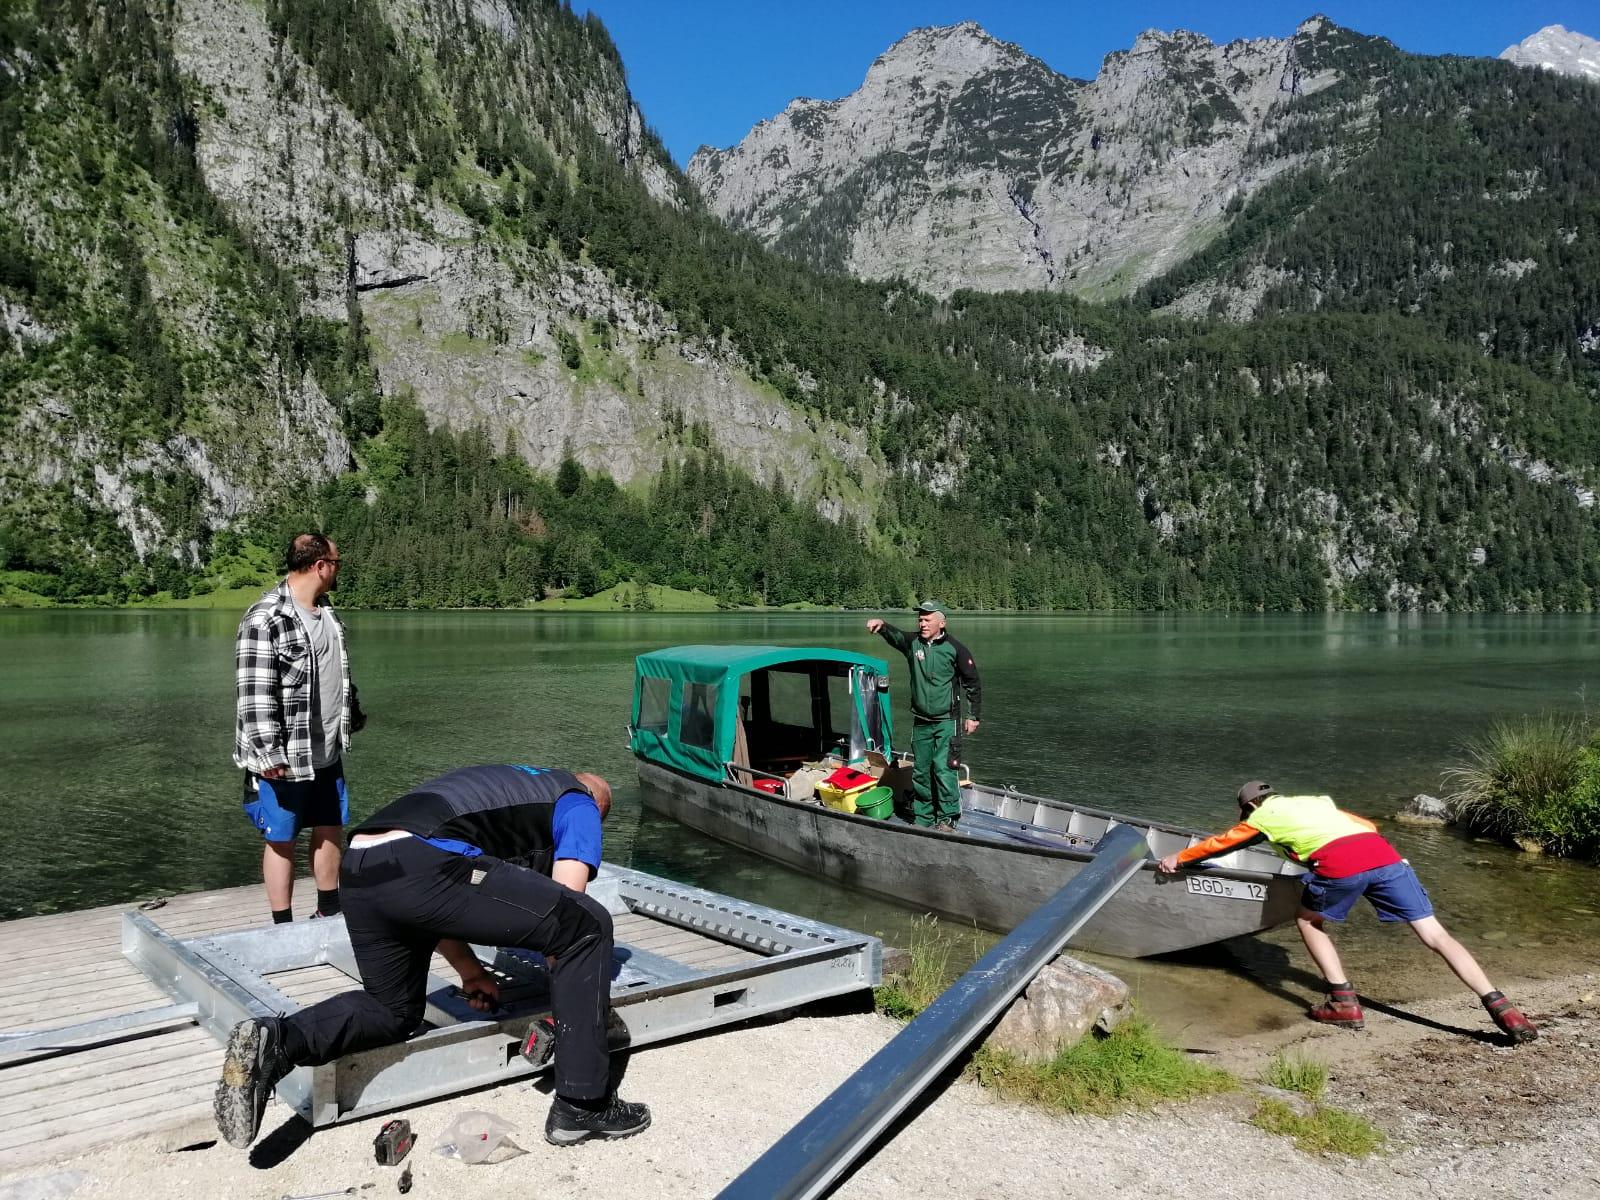 kälberhütte in österreich